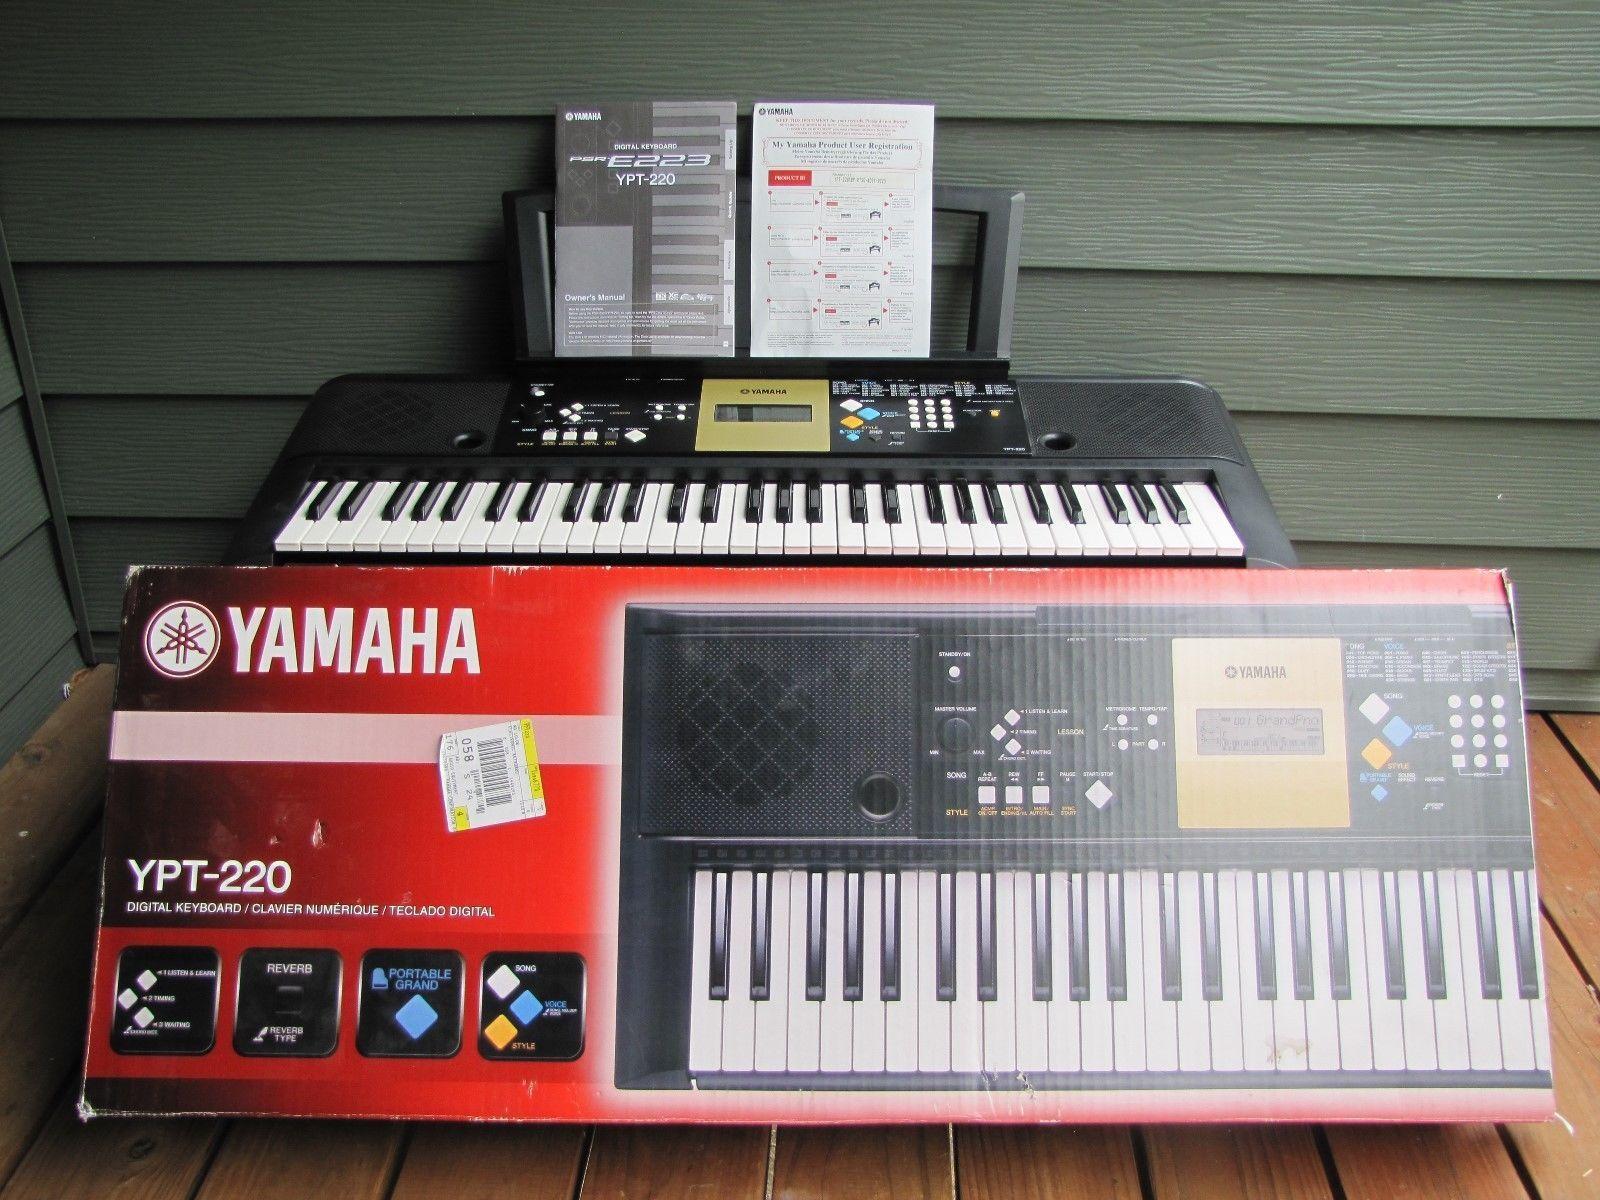 yamaha electronic keyboard model ypt 220 iob with manual common rh pinterest com yamaha ypt-220 manual pdf yamaha ypt-220 manual pdf